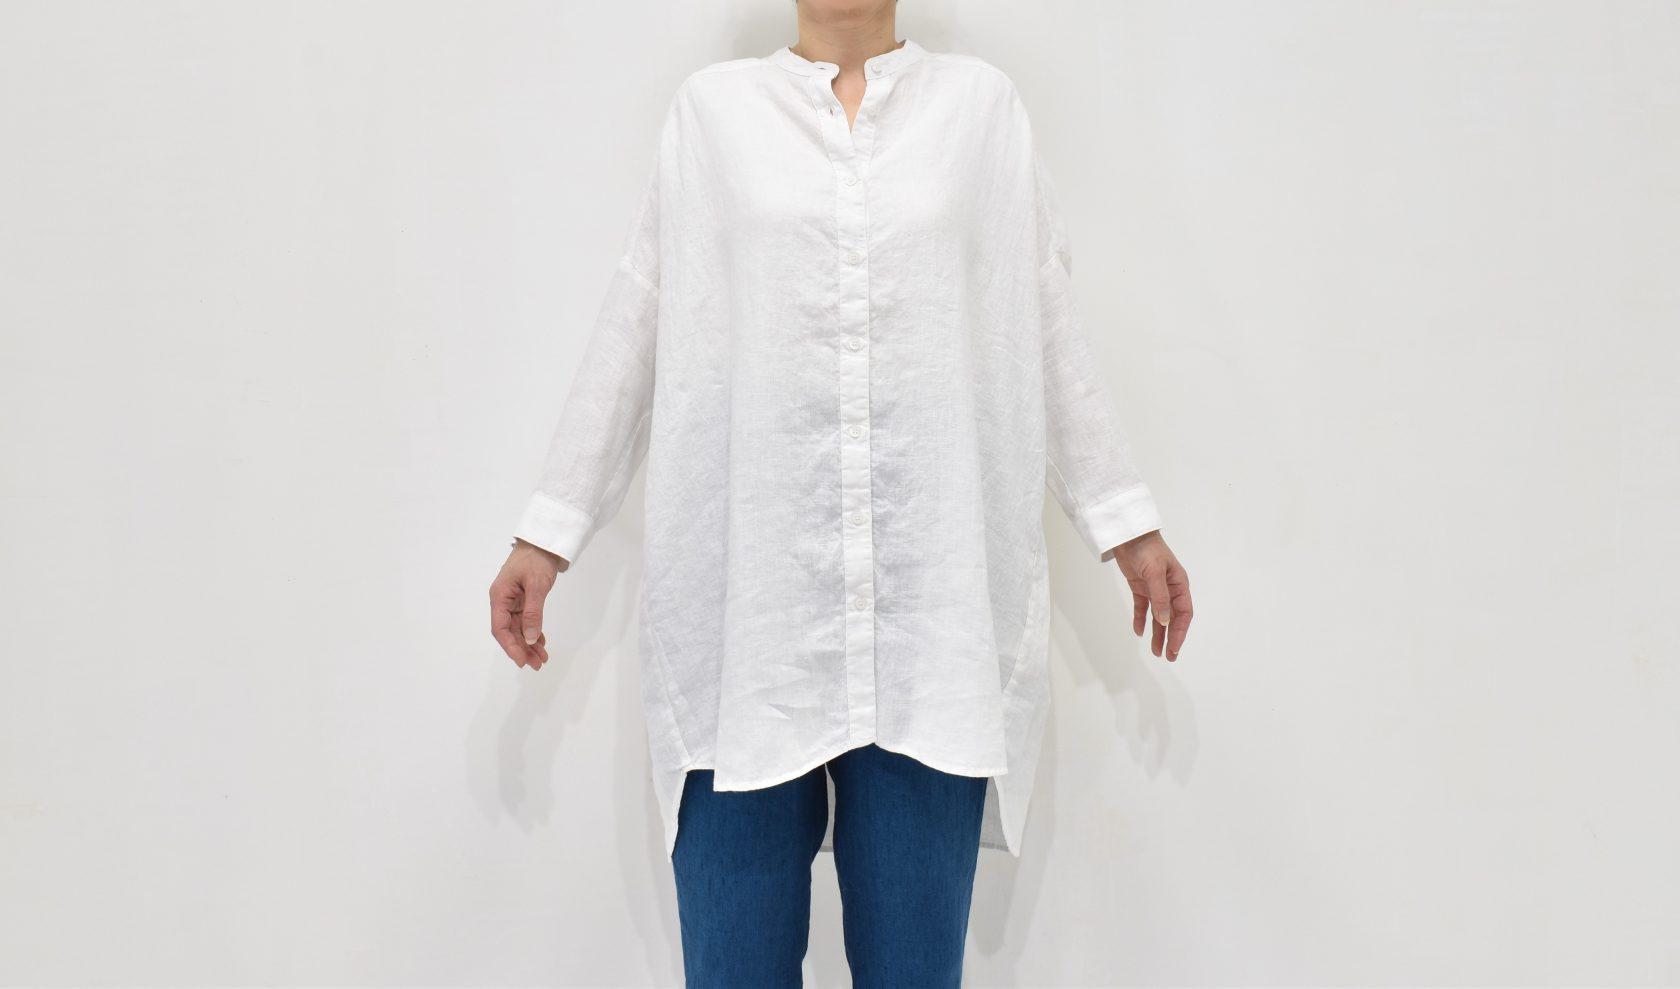 ファブリックスのリトアニアリネン100% ドロップショルダー スタンドカラーシャツ